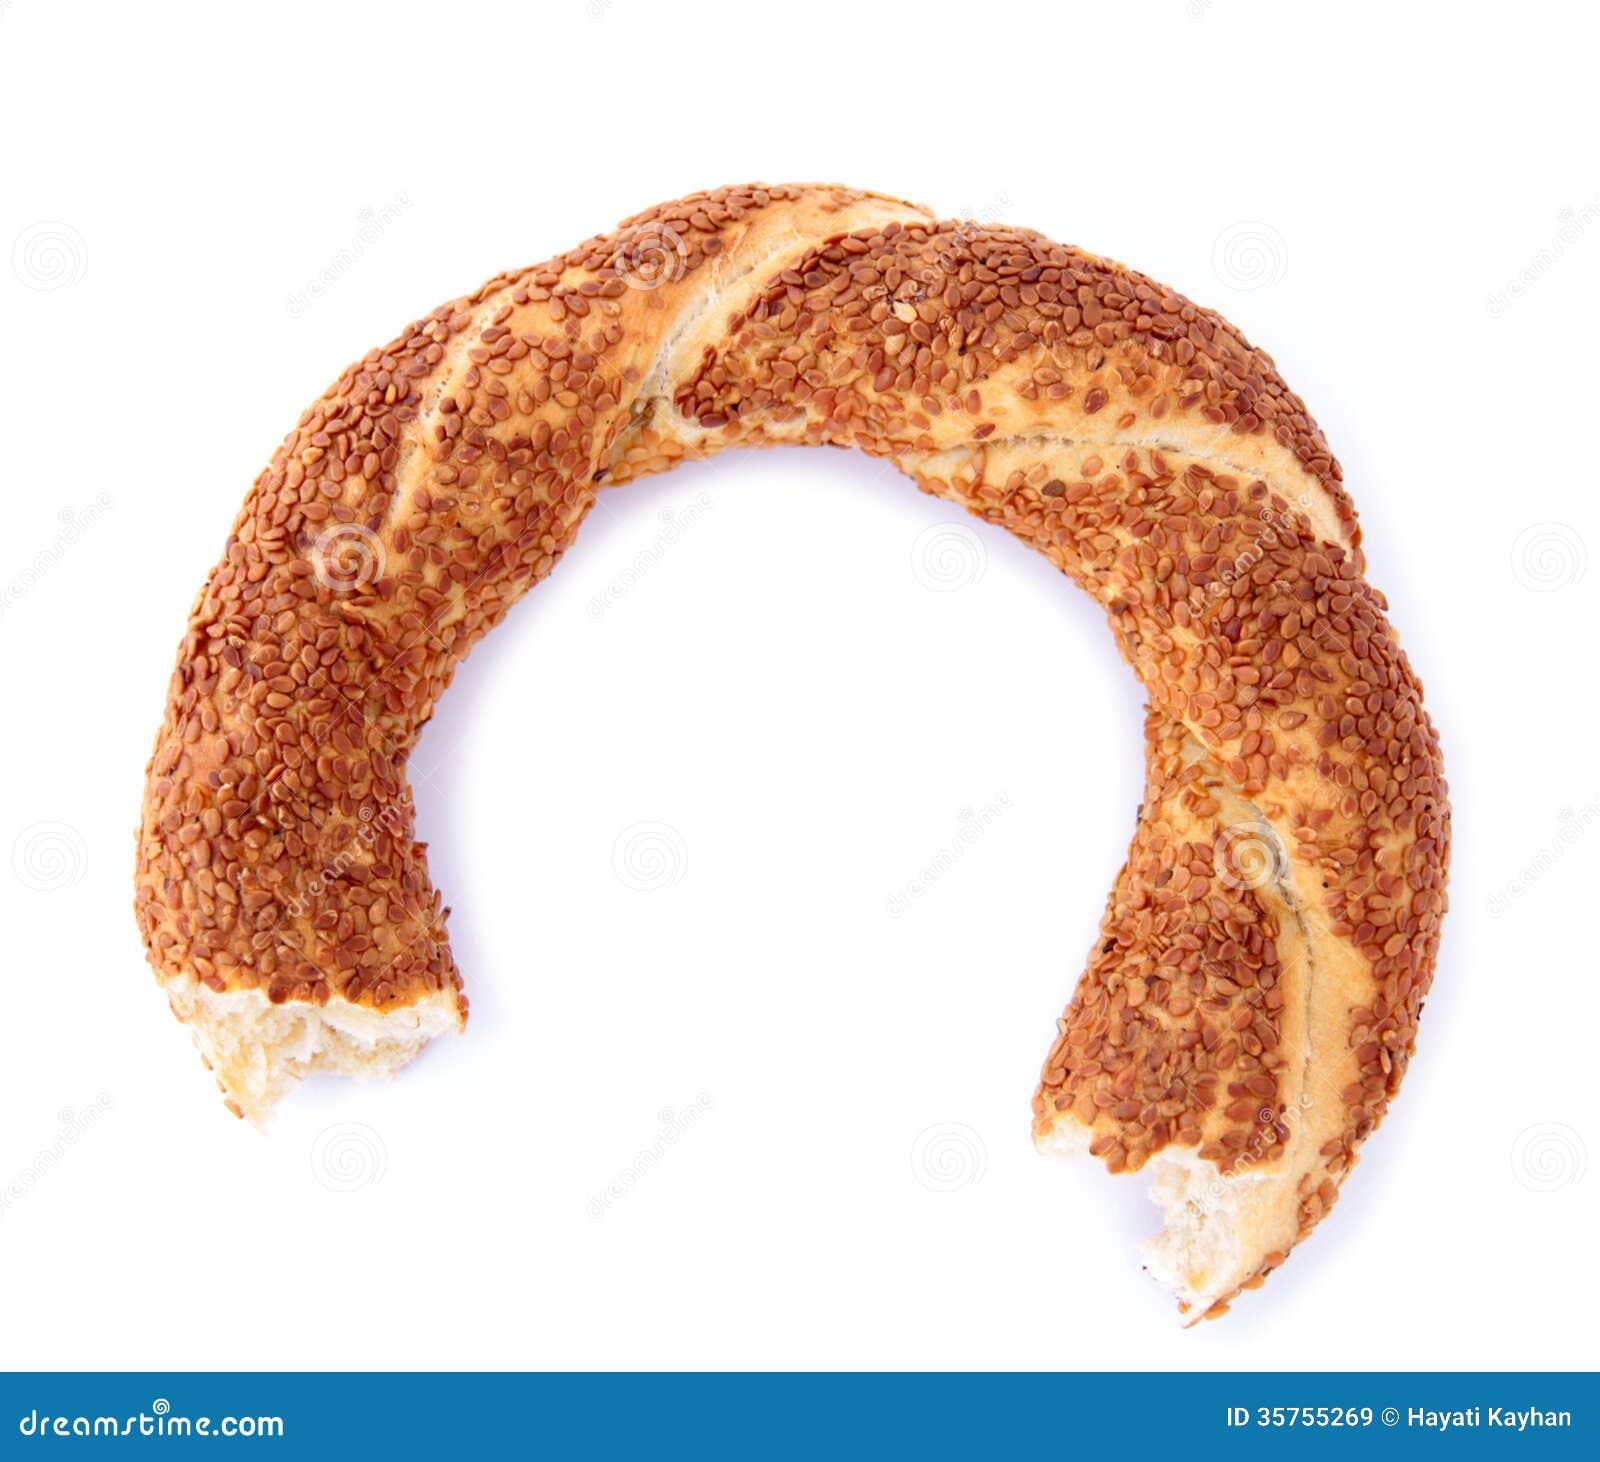 Bagel turc de sésame (mordu)